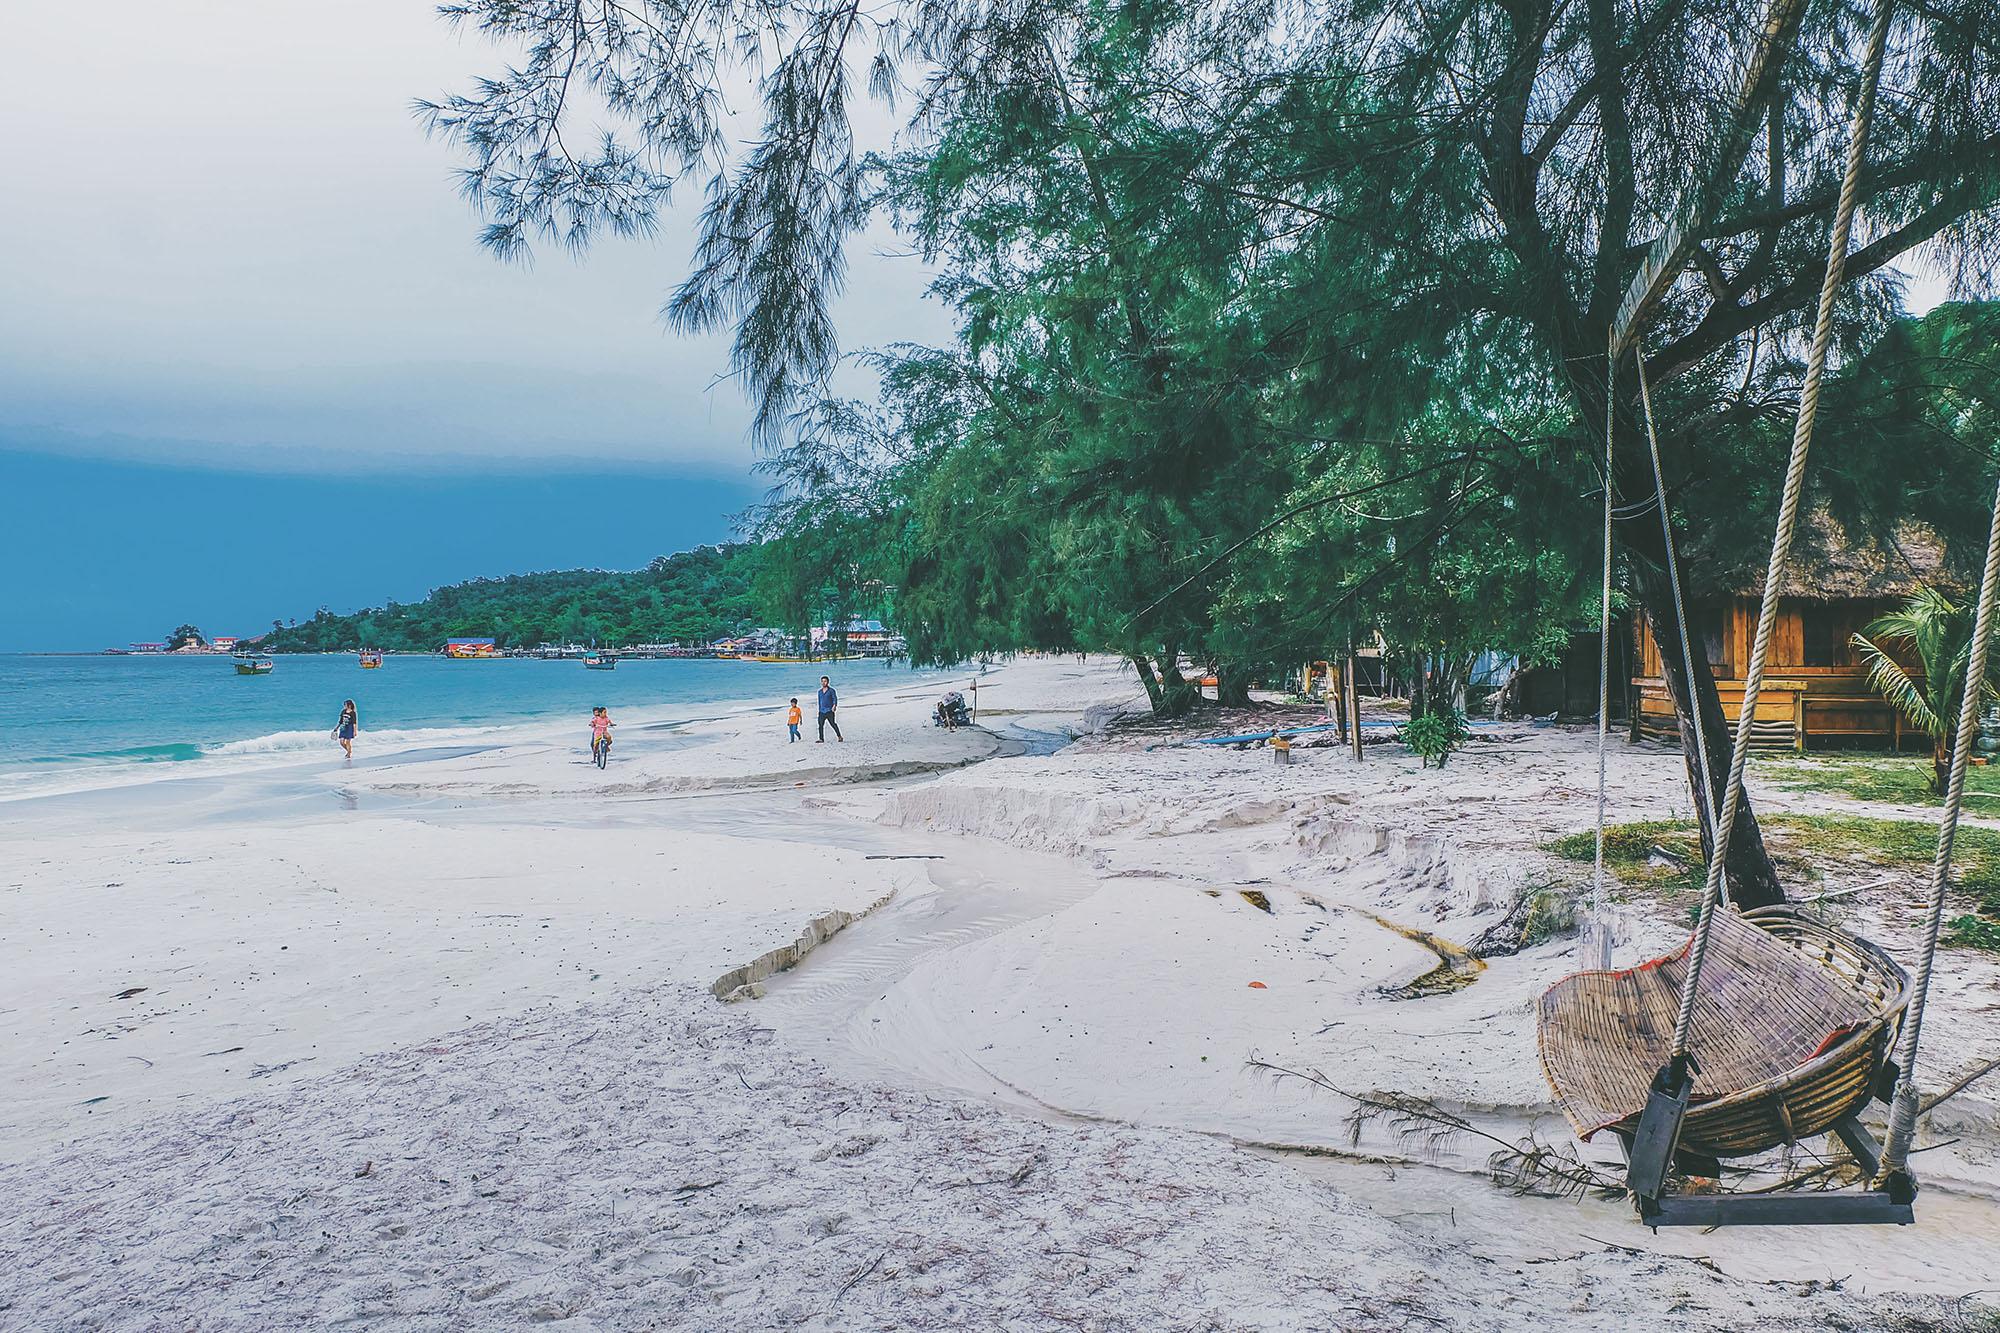 koh rong10 - Nên chọn đi đảo Koh Rong hay đảo Koh Rong Samloem?